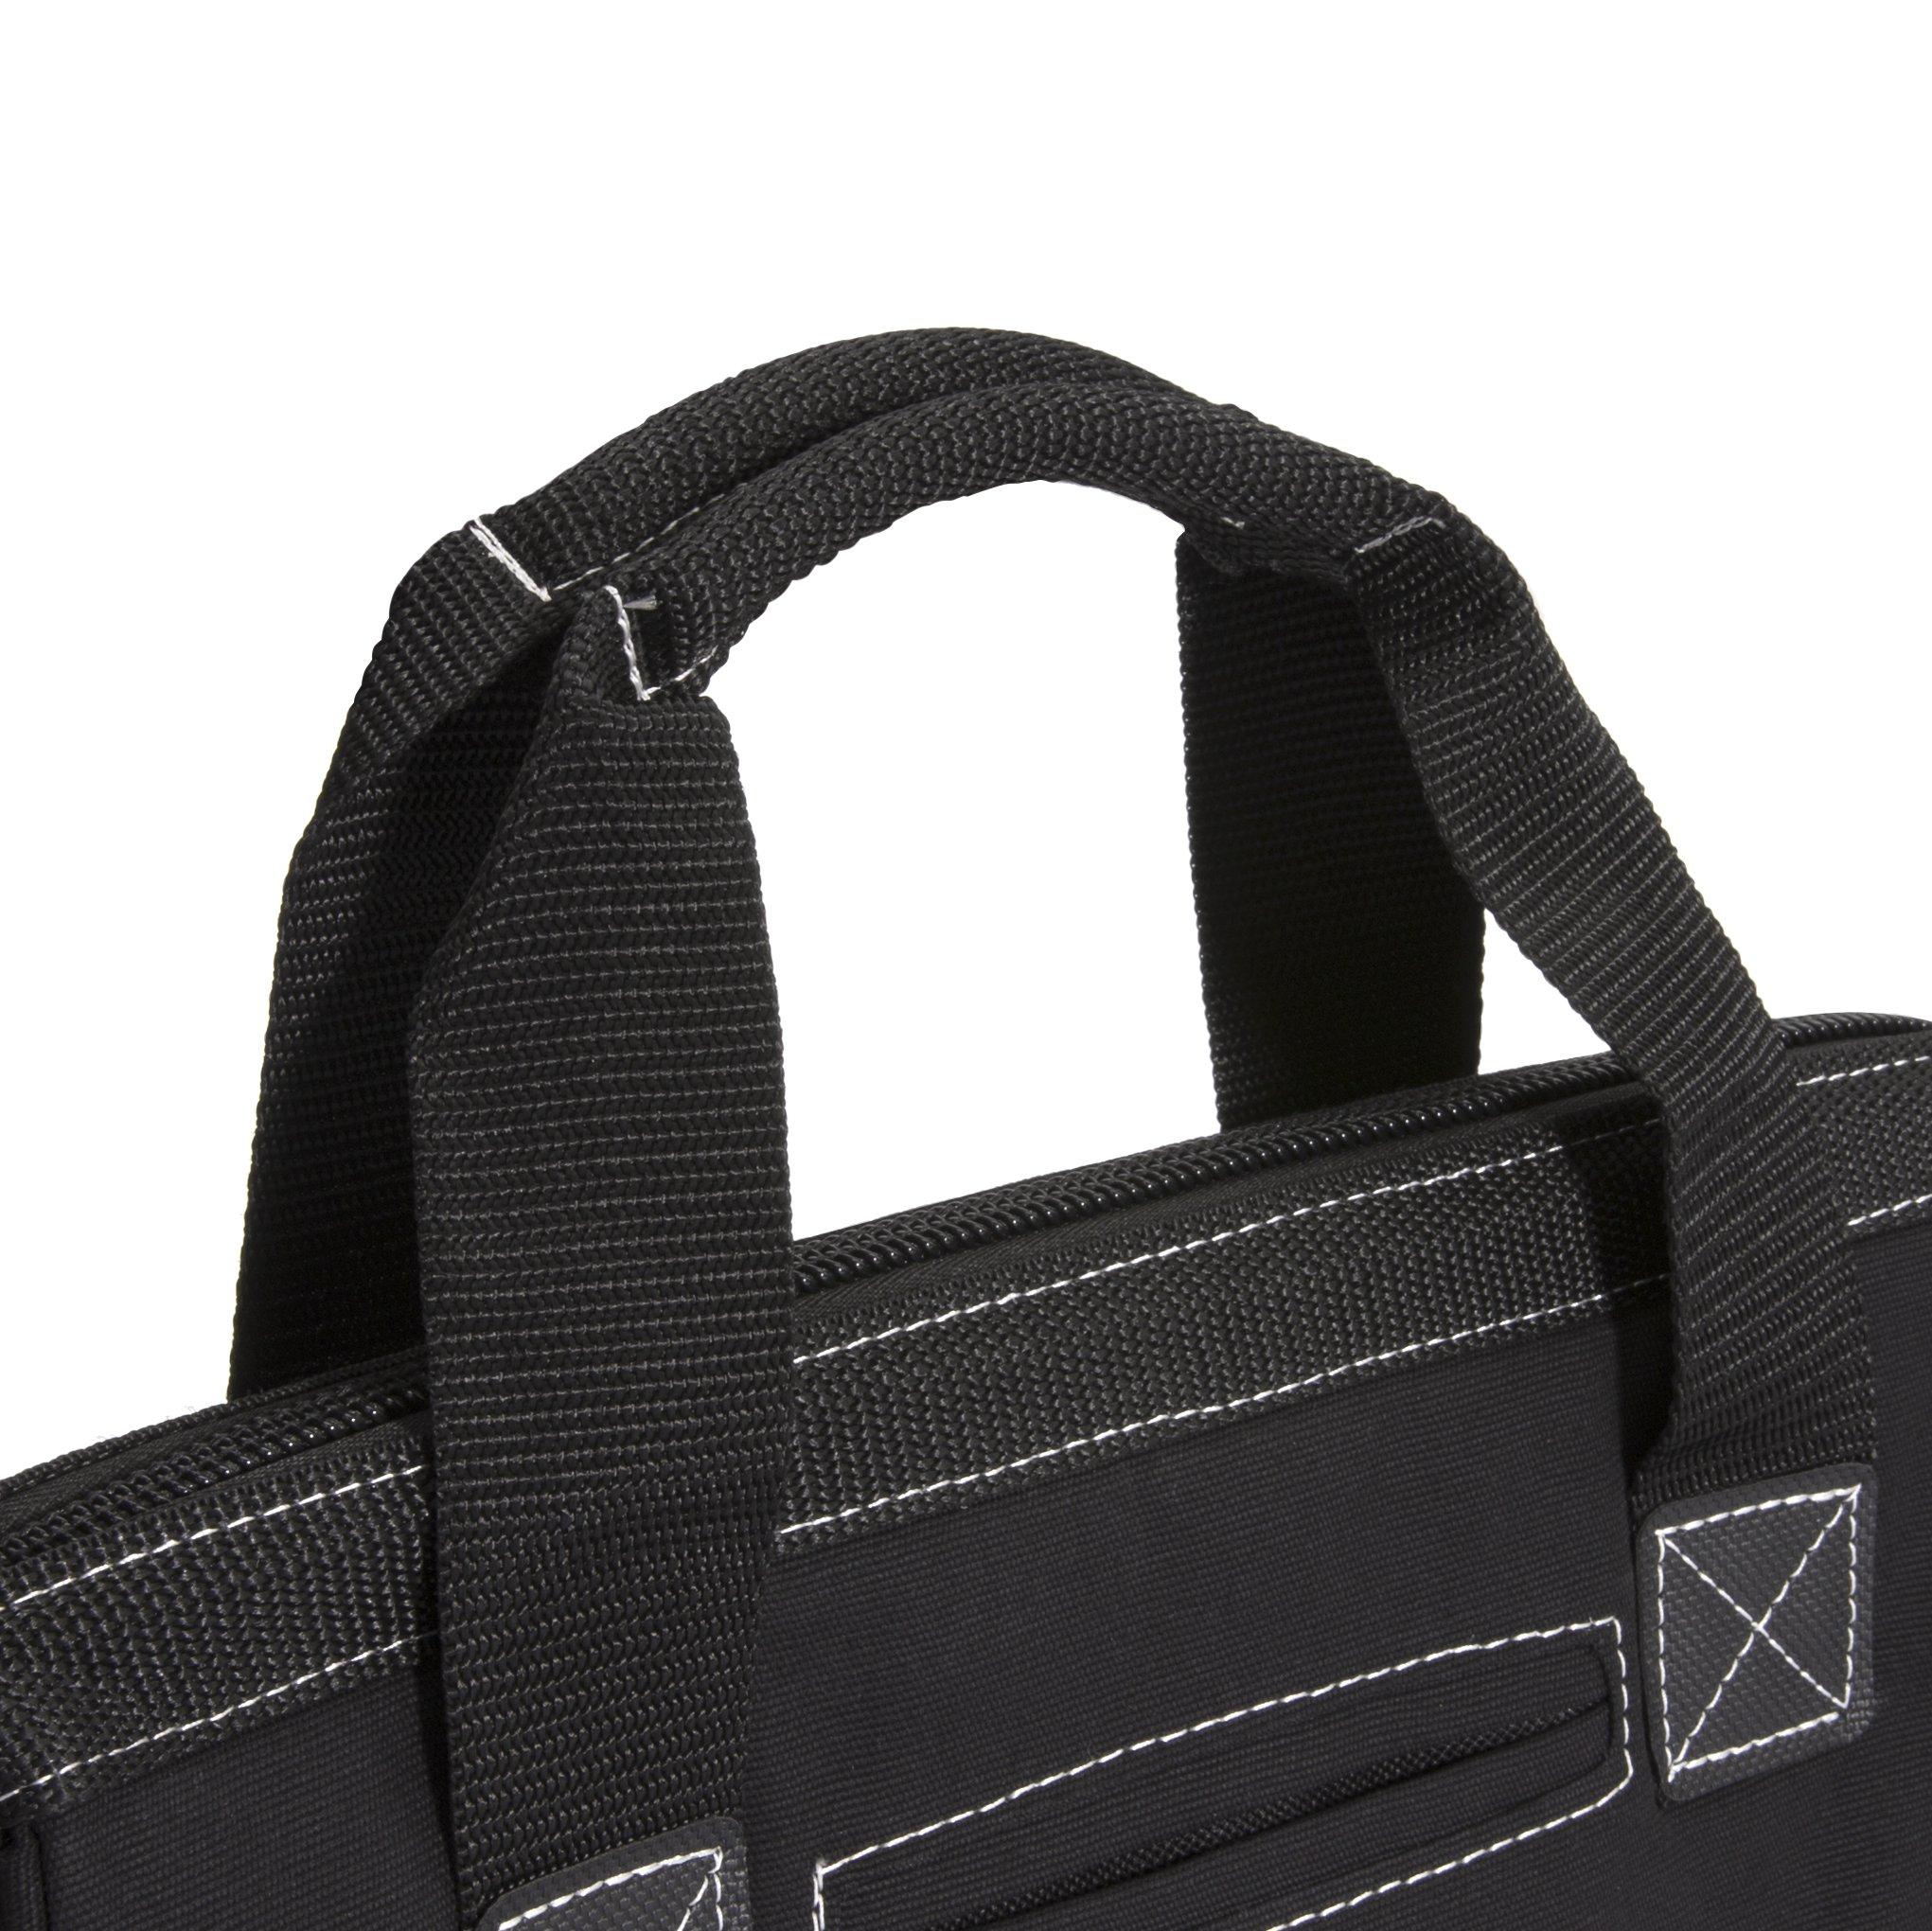 Dickies Work Gear 57084 12-Inch Work Bag by Dickies Work Gear (Image #4)